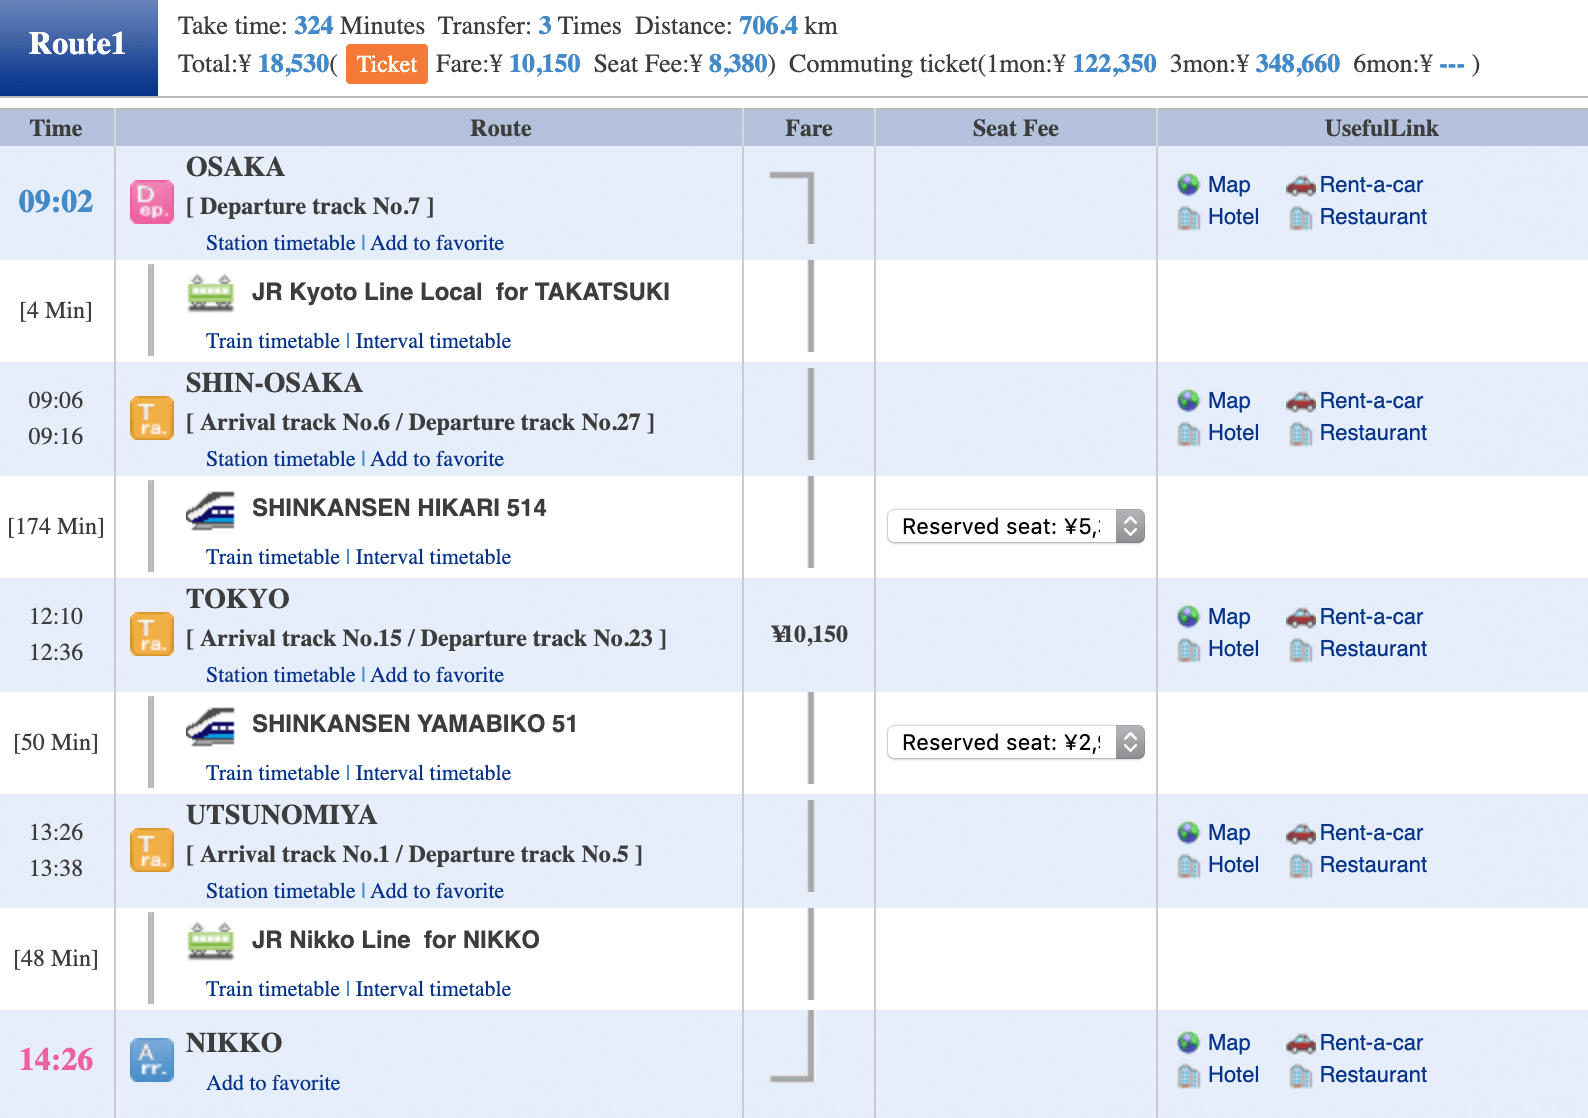 В ответ сайт предложил мне вот такой маршрут с тремя пересадками, которым я и воспользовался. БезJR Pass я заплатилбы за билеты 10 150¥ безвозможности бронирования мест в синкансене и 18 530¥, если хотелбы включить опцию бронирования